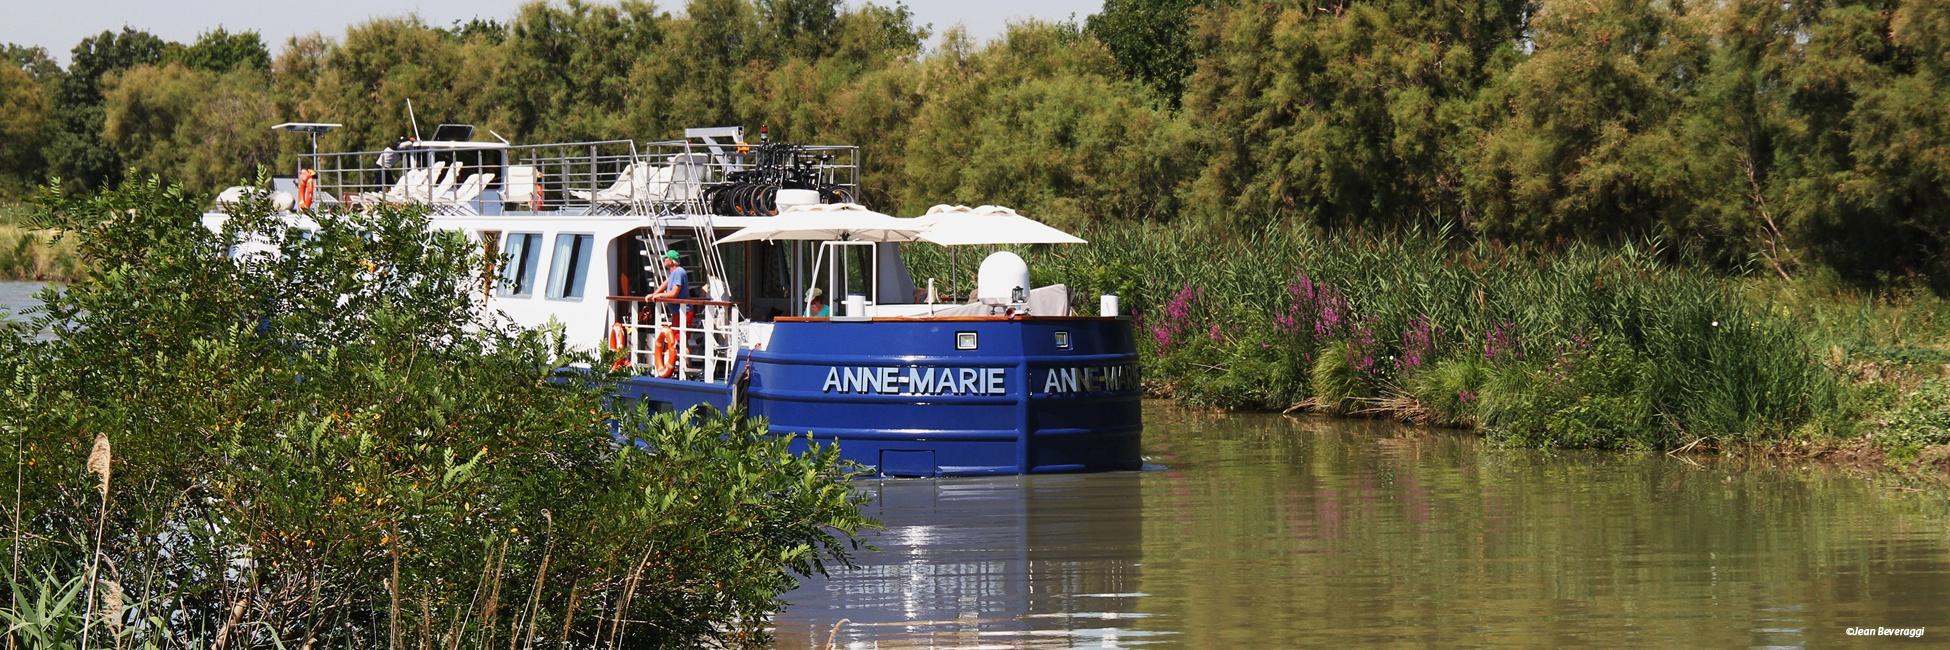 Péniche Anne-Marie en navigation sur le canal de Provence